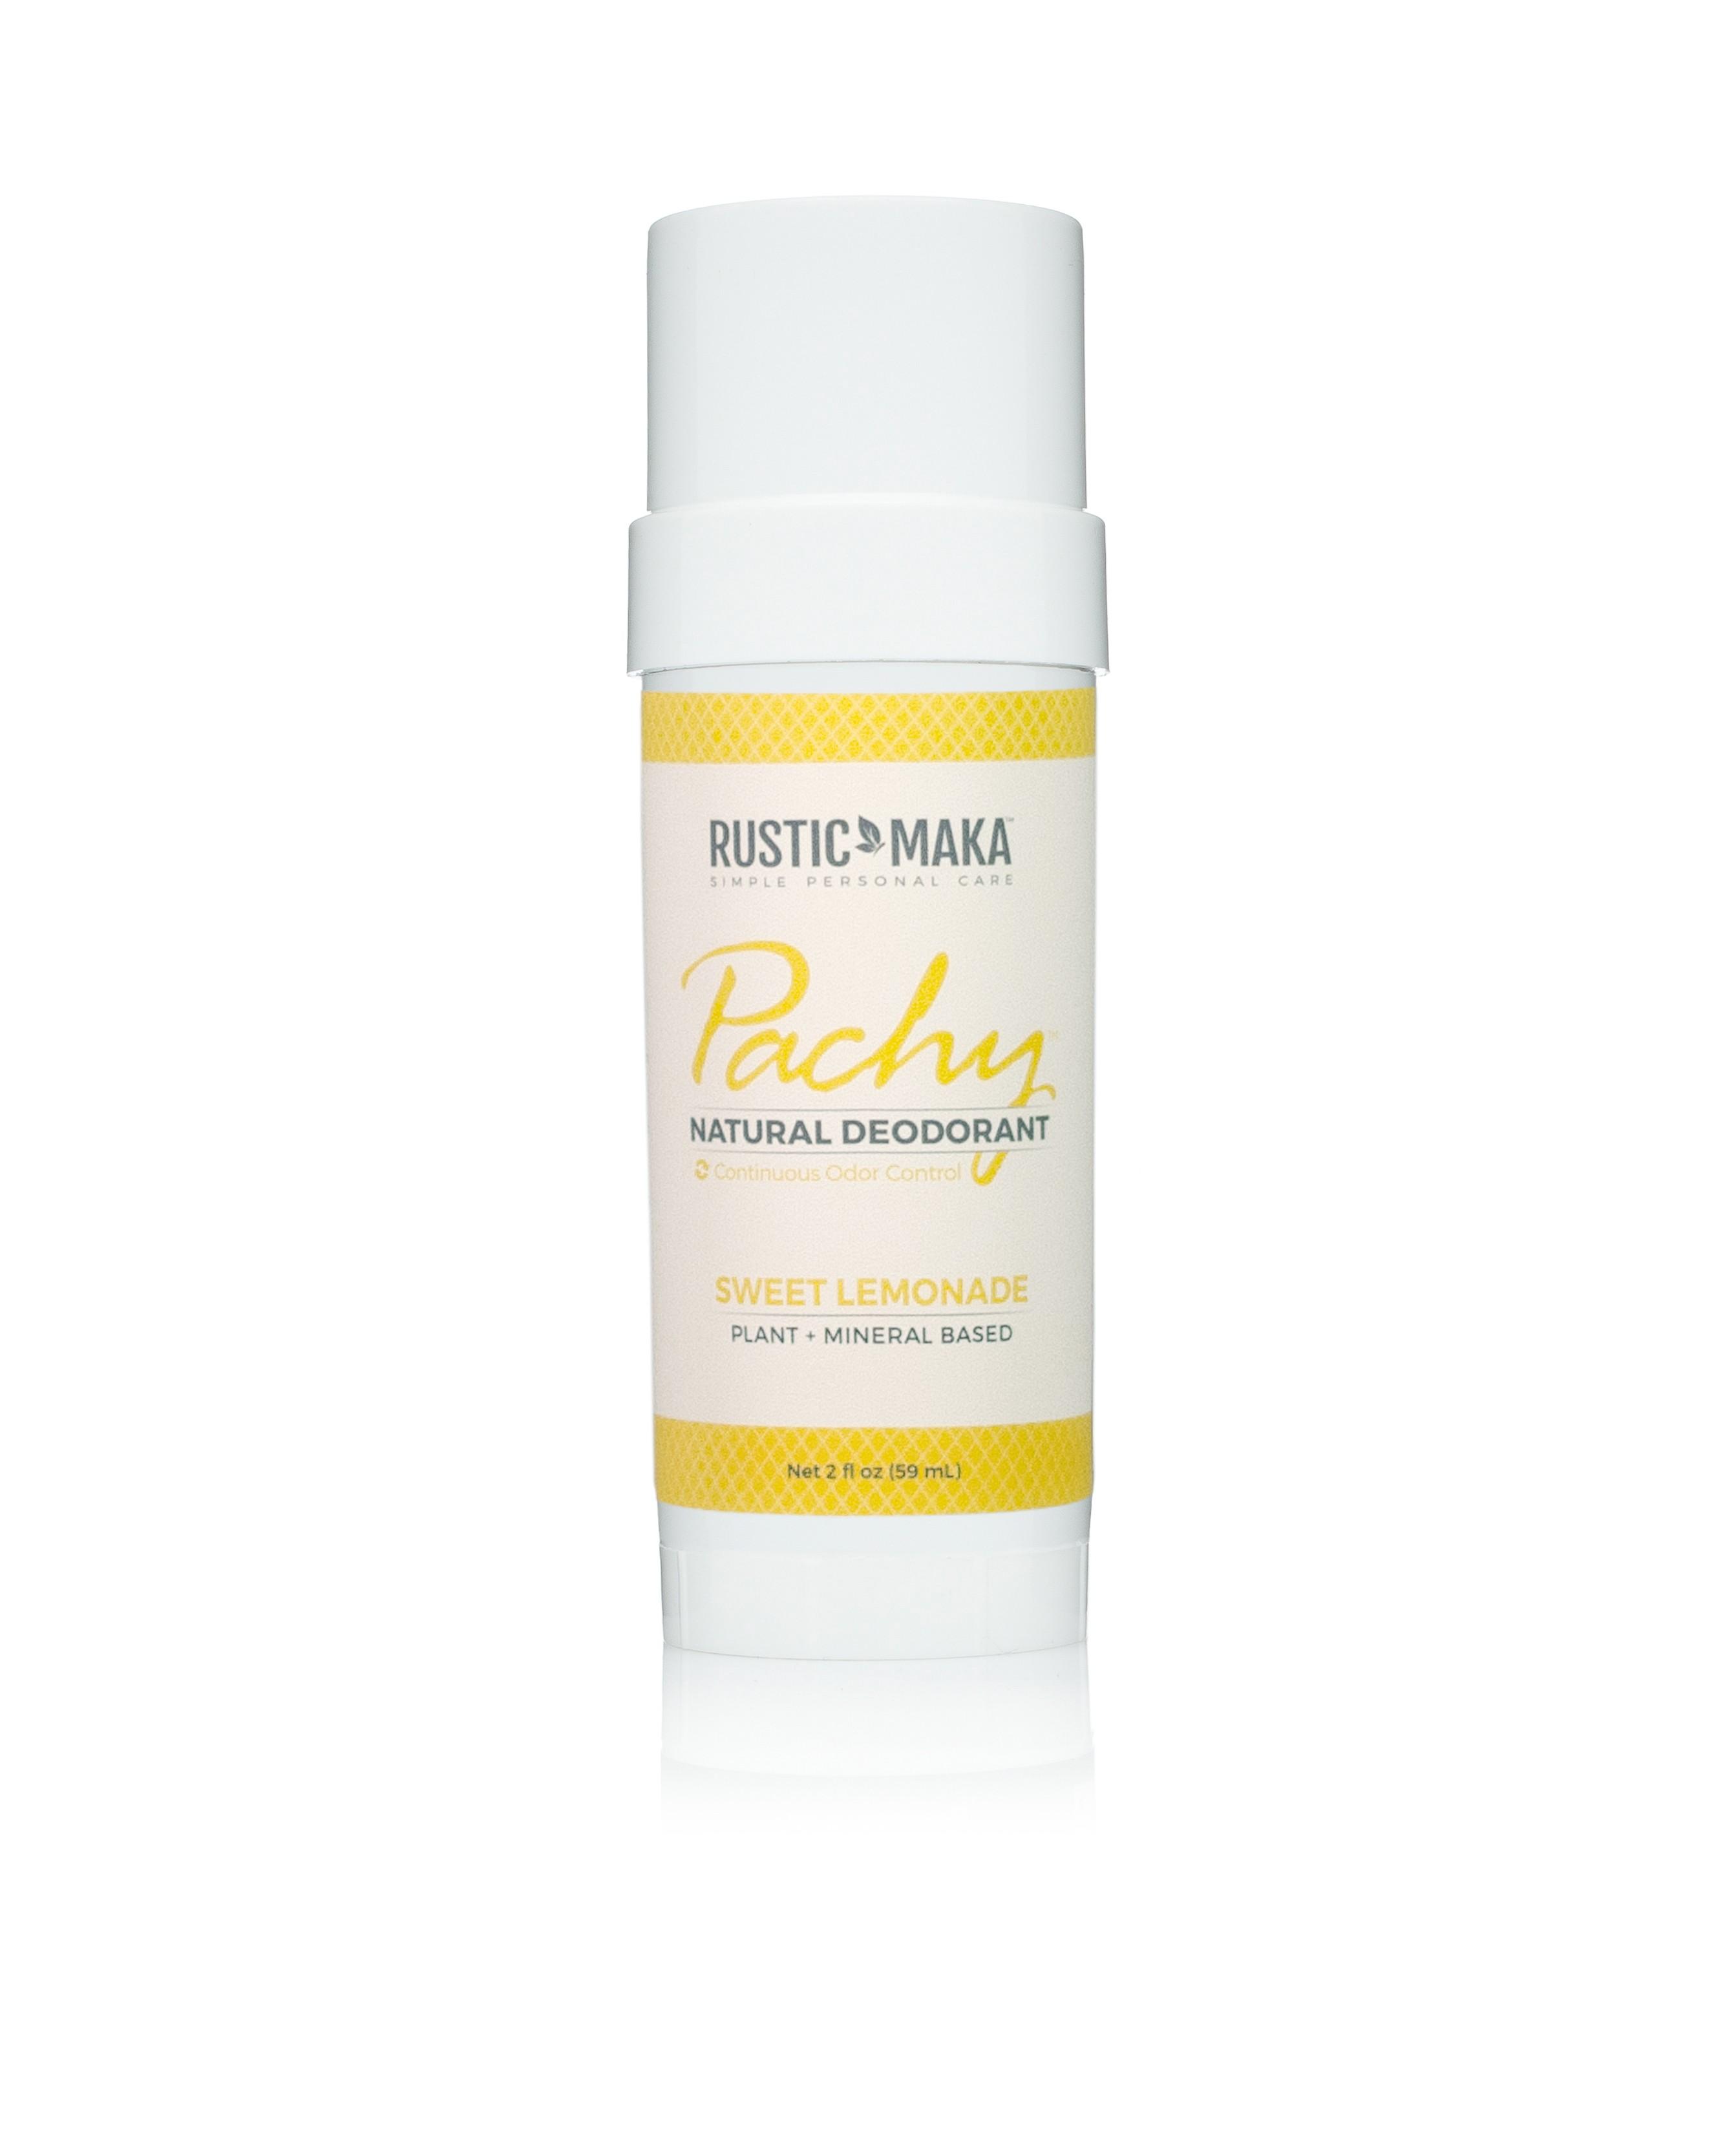 Rustic MAKA Pachy Natural Deodorant Sweet Lemonade - Full Size